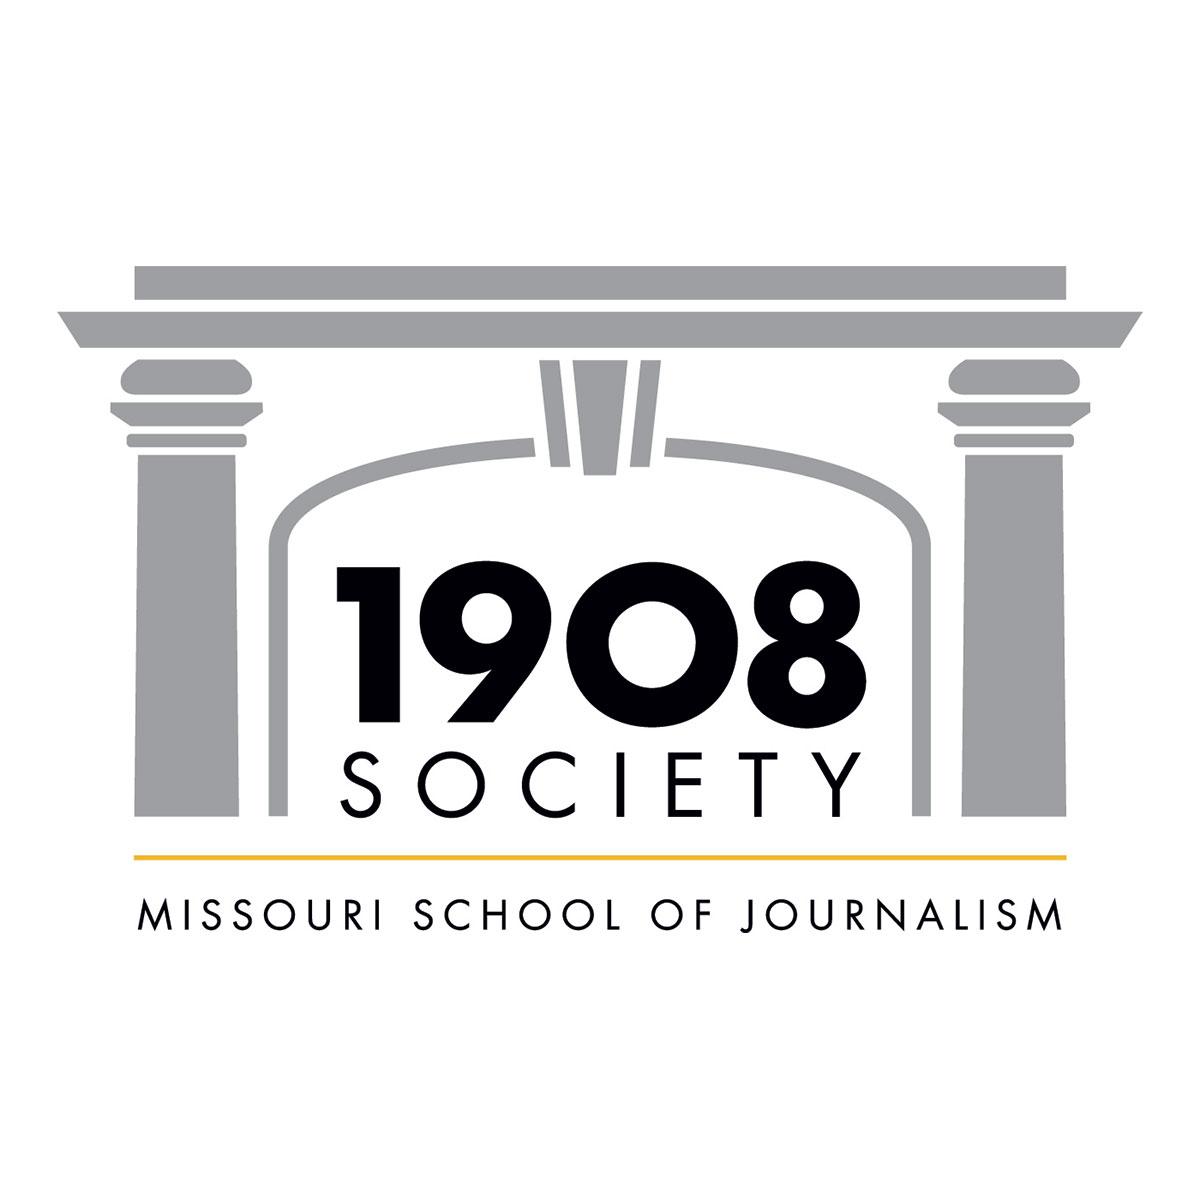 The 1908 Society